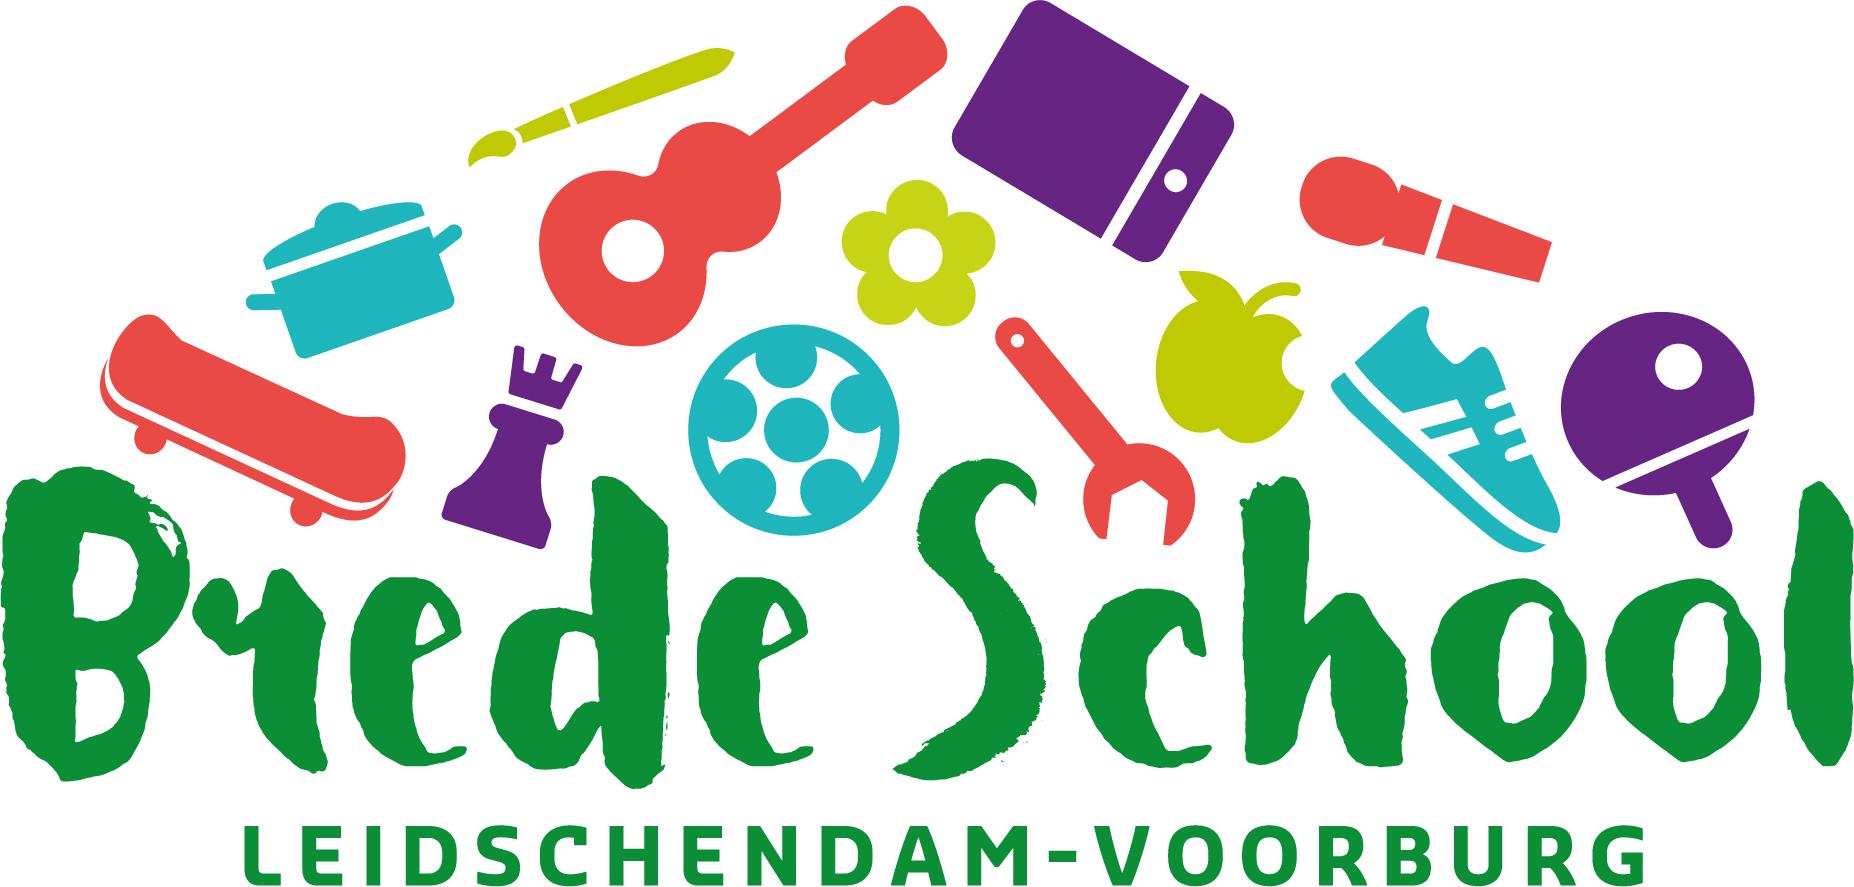 Logo Brede school Leidschendam-voorburg